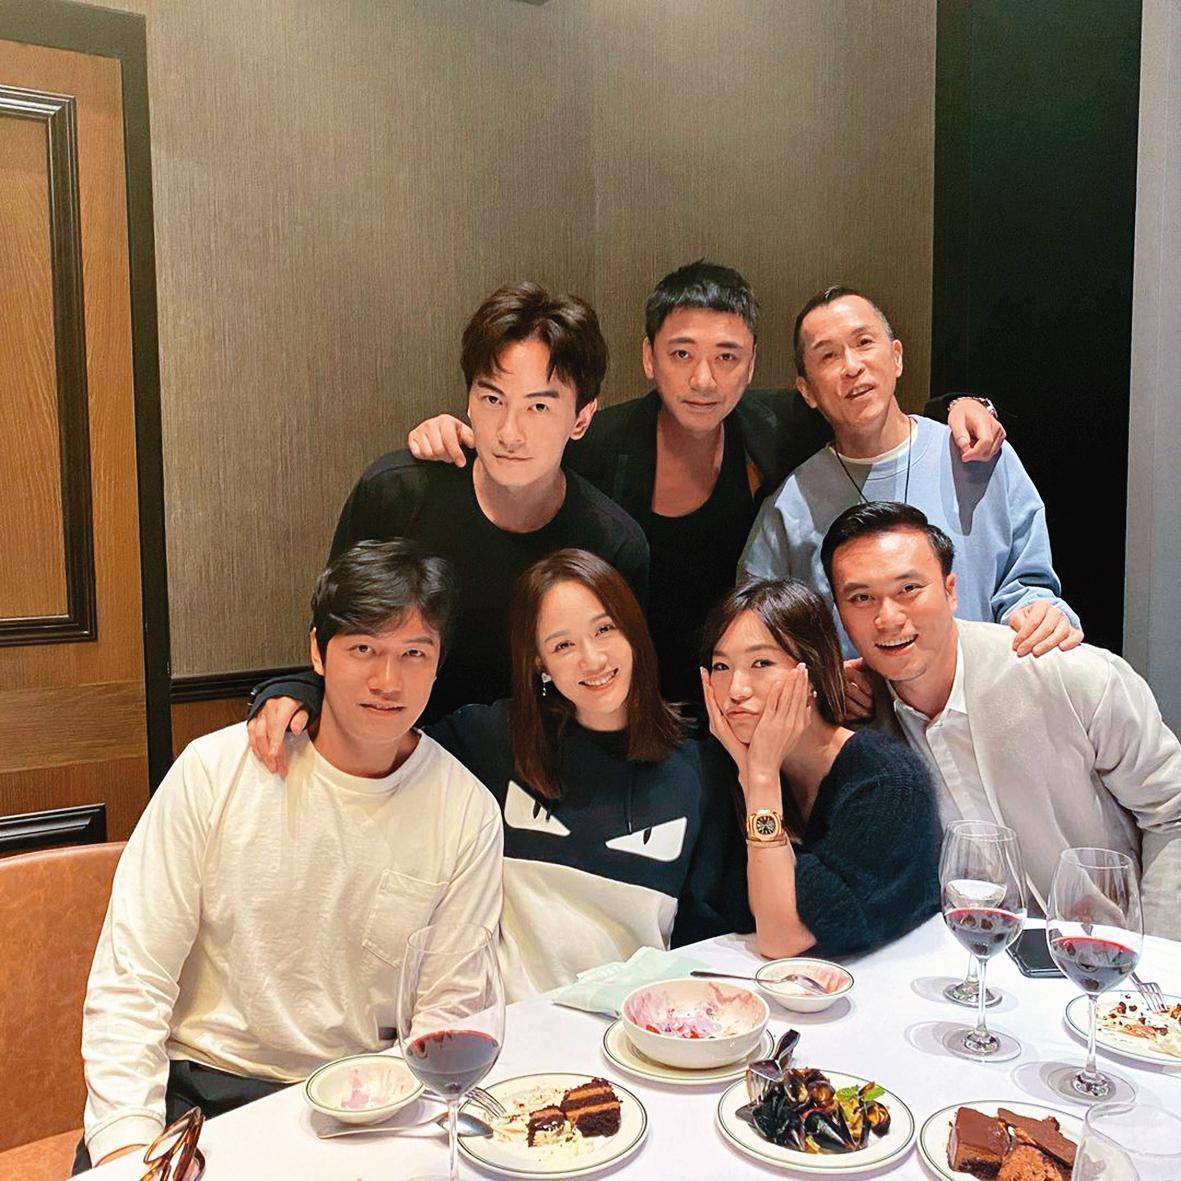 以往陳喬恩(前排左2)談戀愛都很低調,此次她卻高調帶男友(前排左1)與好友聚會,顯示她非常重視這段感情。